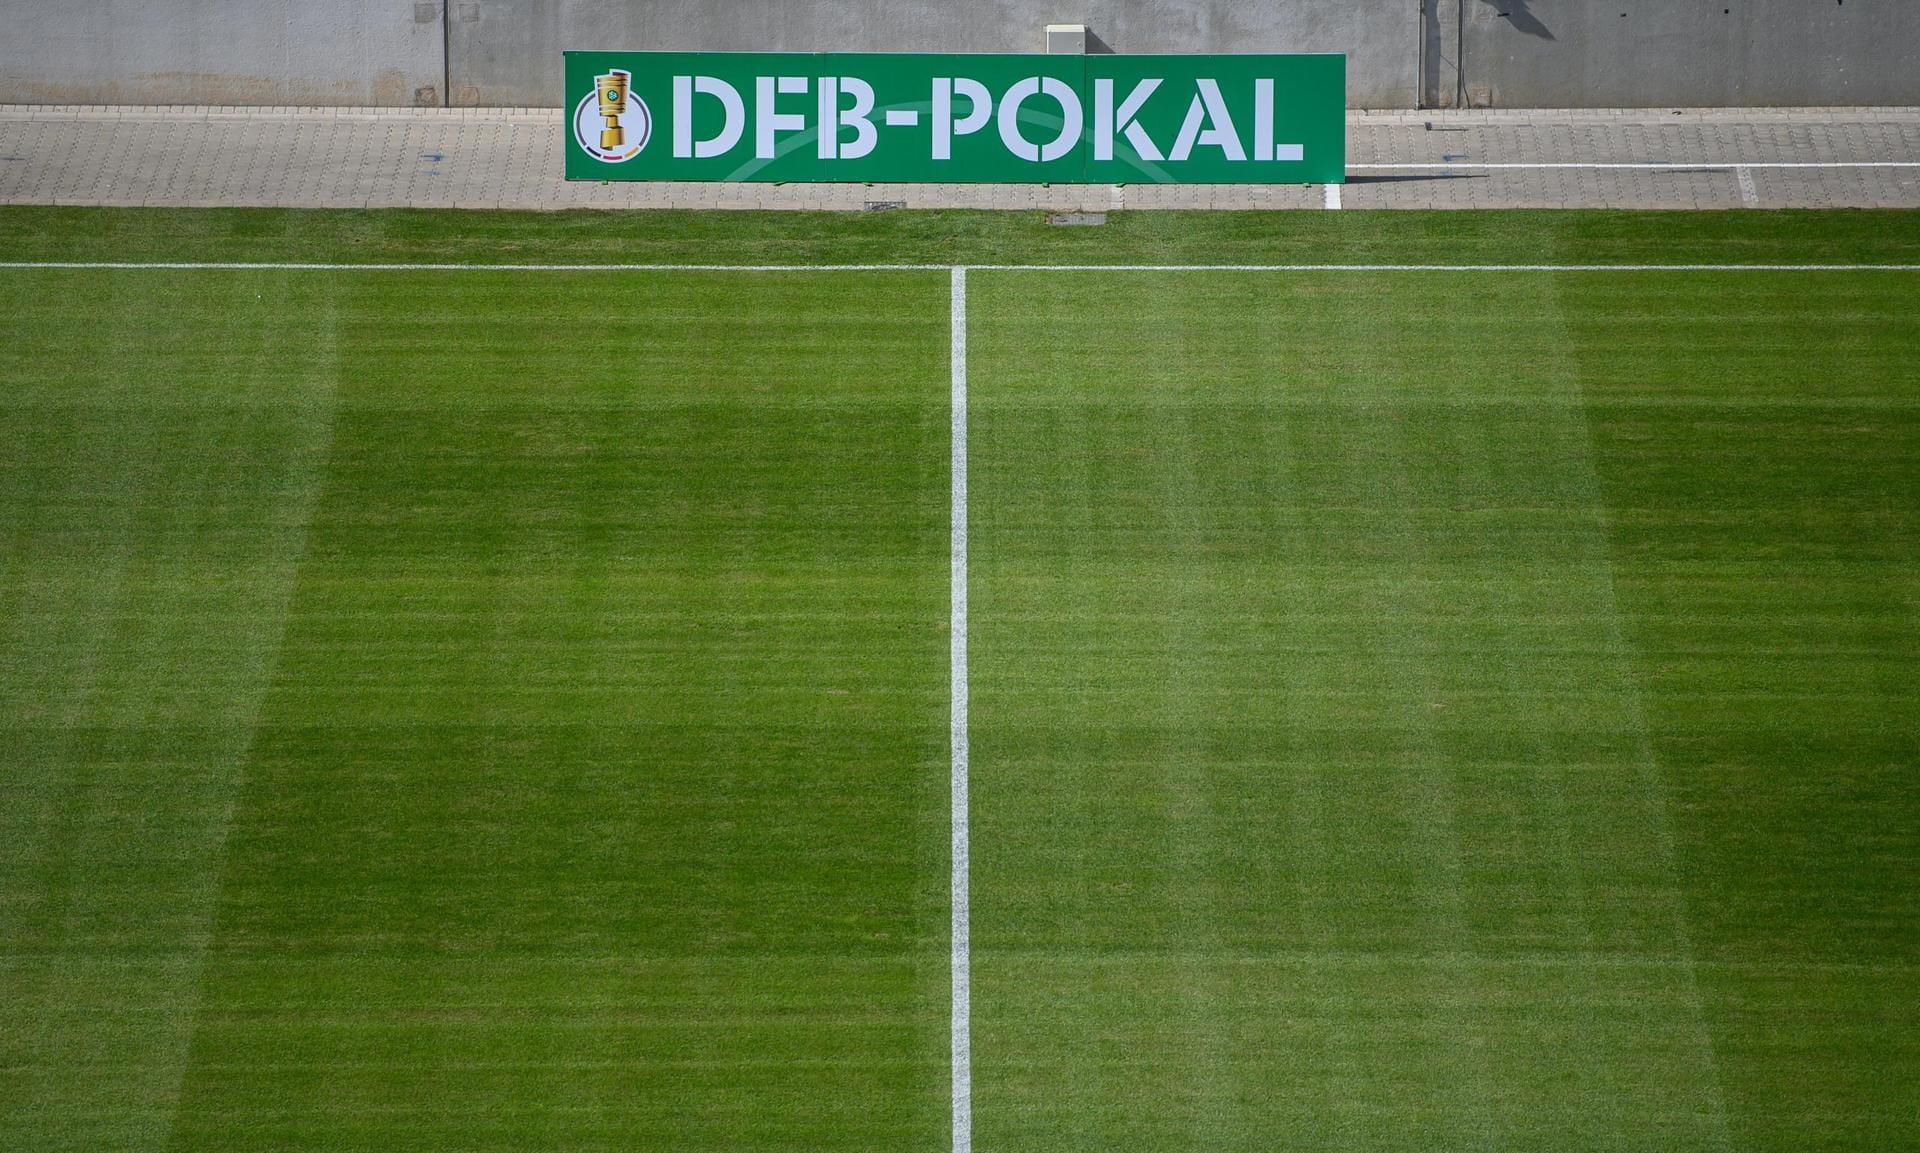 Nach Corona-Fällen: DFB setzt Pokalspiel der Bayern ab